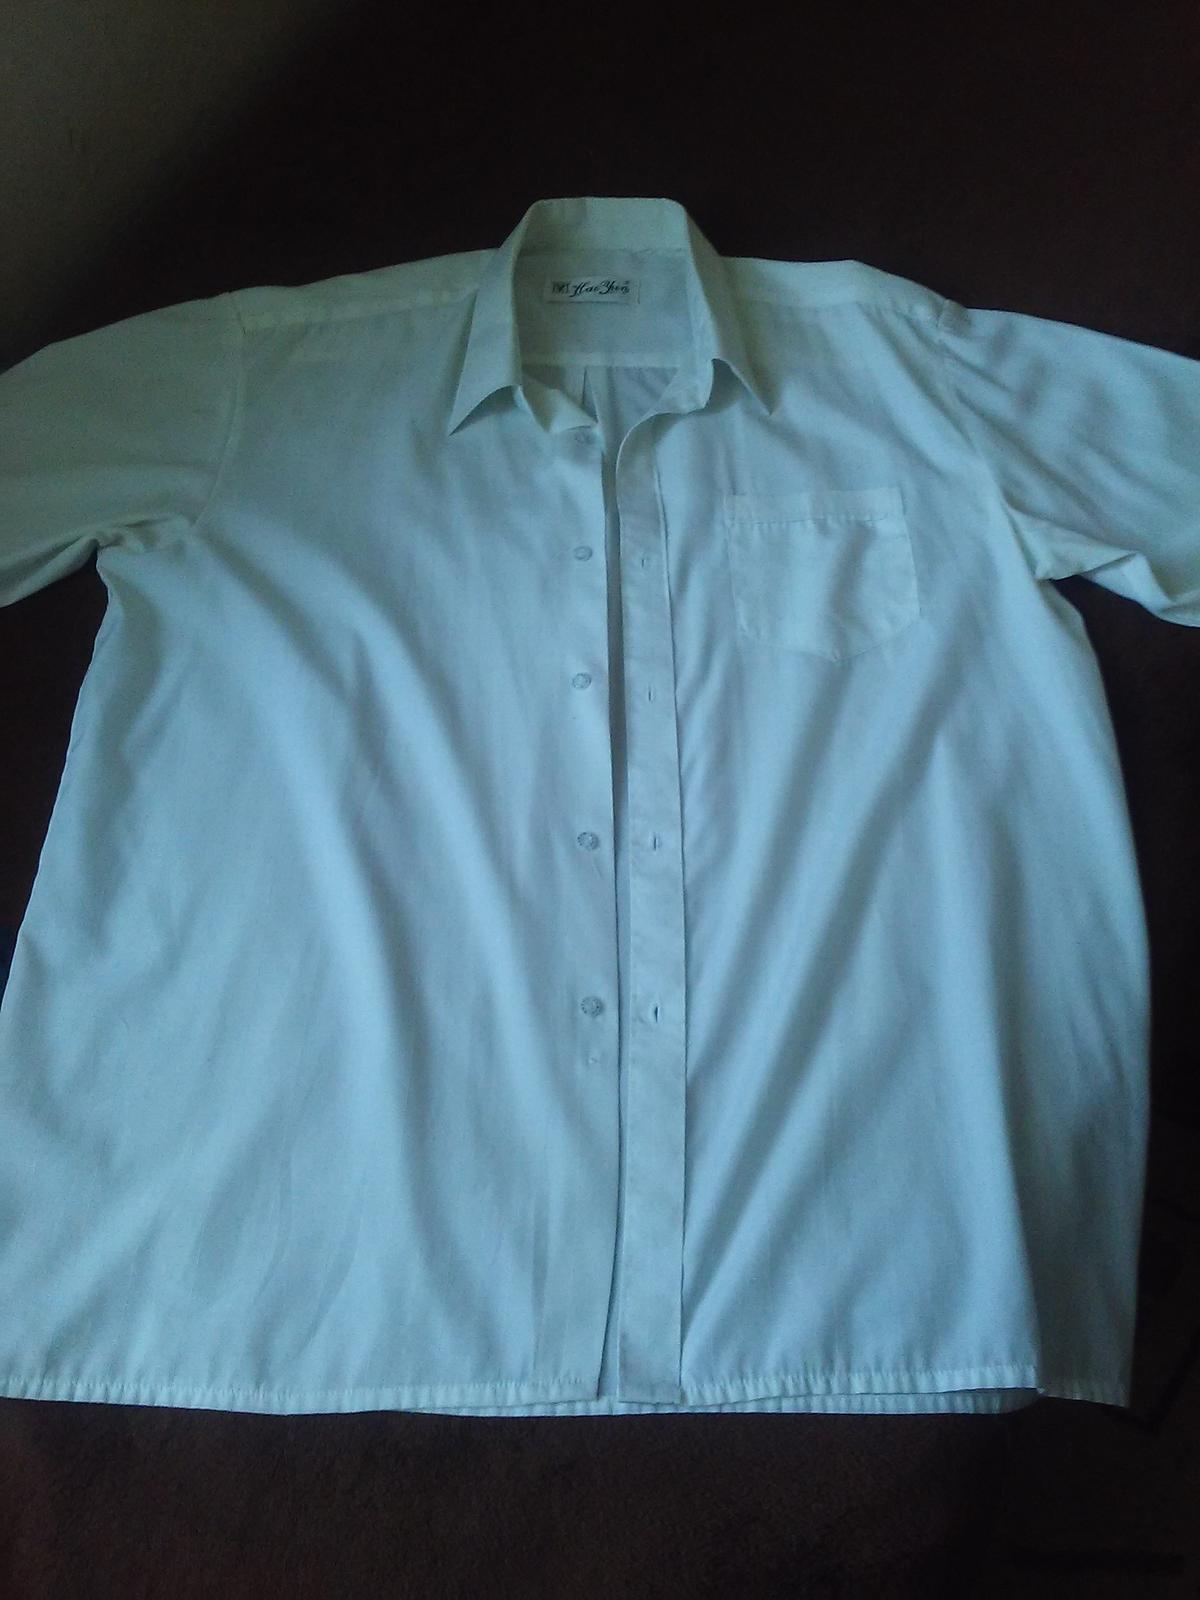 Pánska košeľa  - Obrázok č. 1